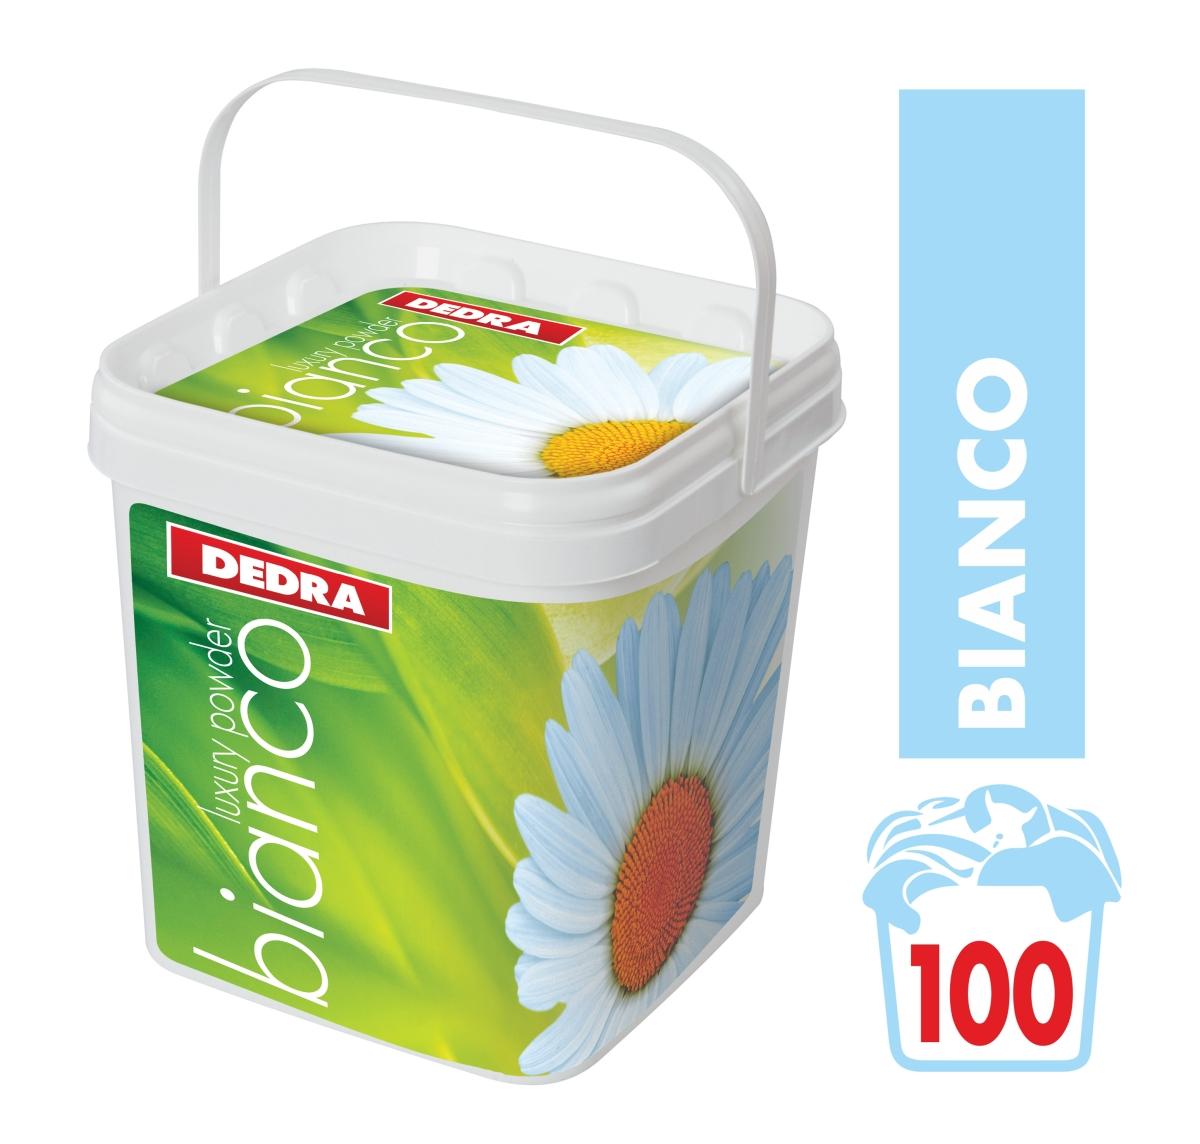 BIANCO 100 PRANÍ na bílé prádlo, 5 kg + box koncentrovaný prací prášek